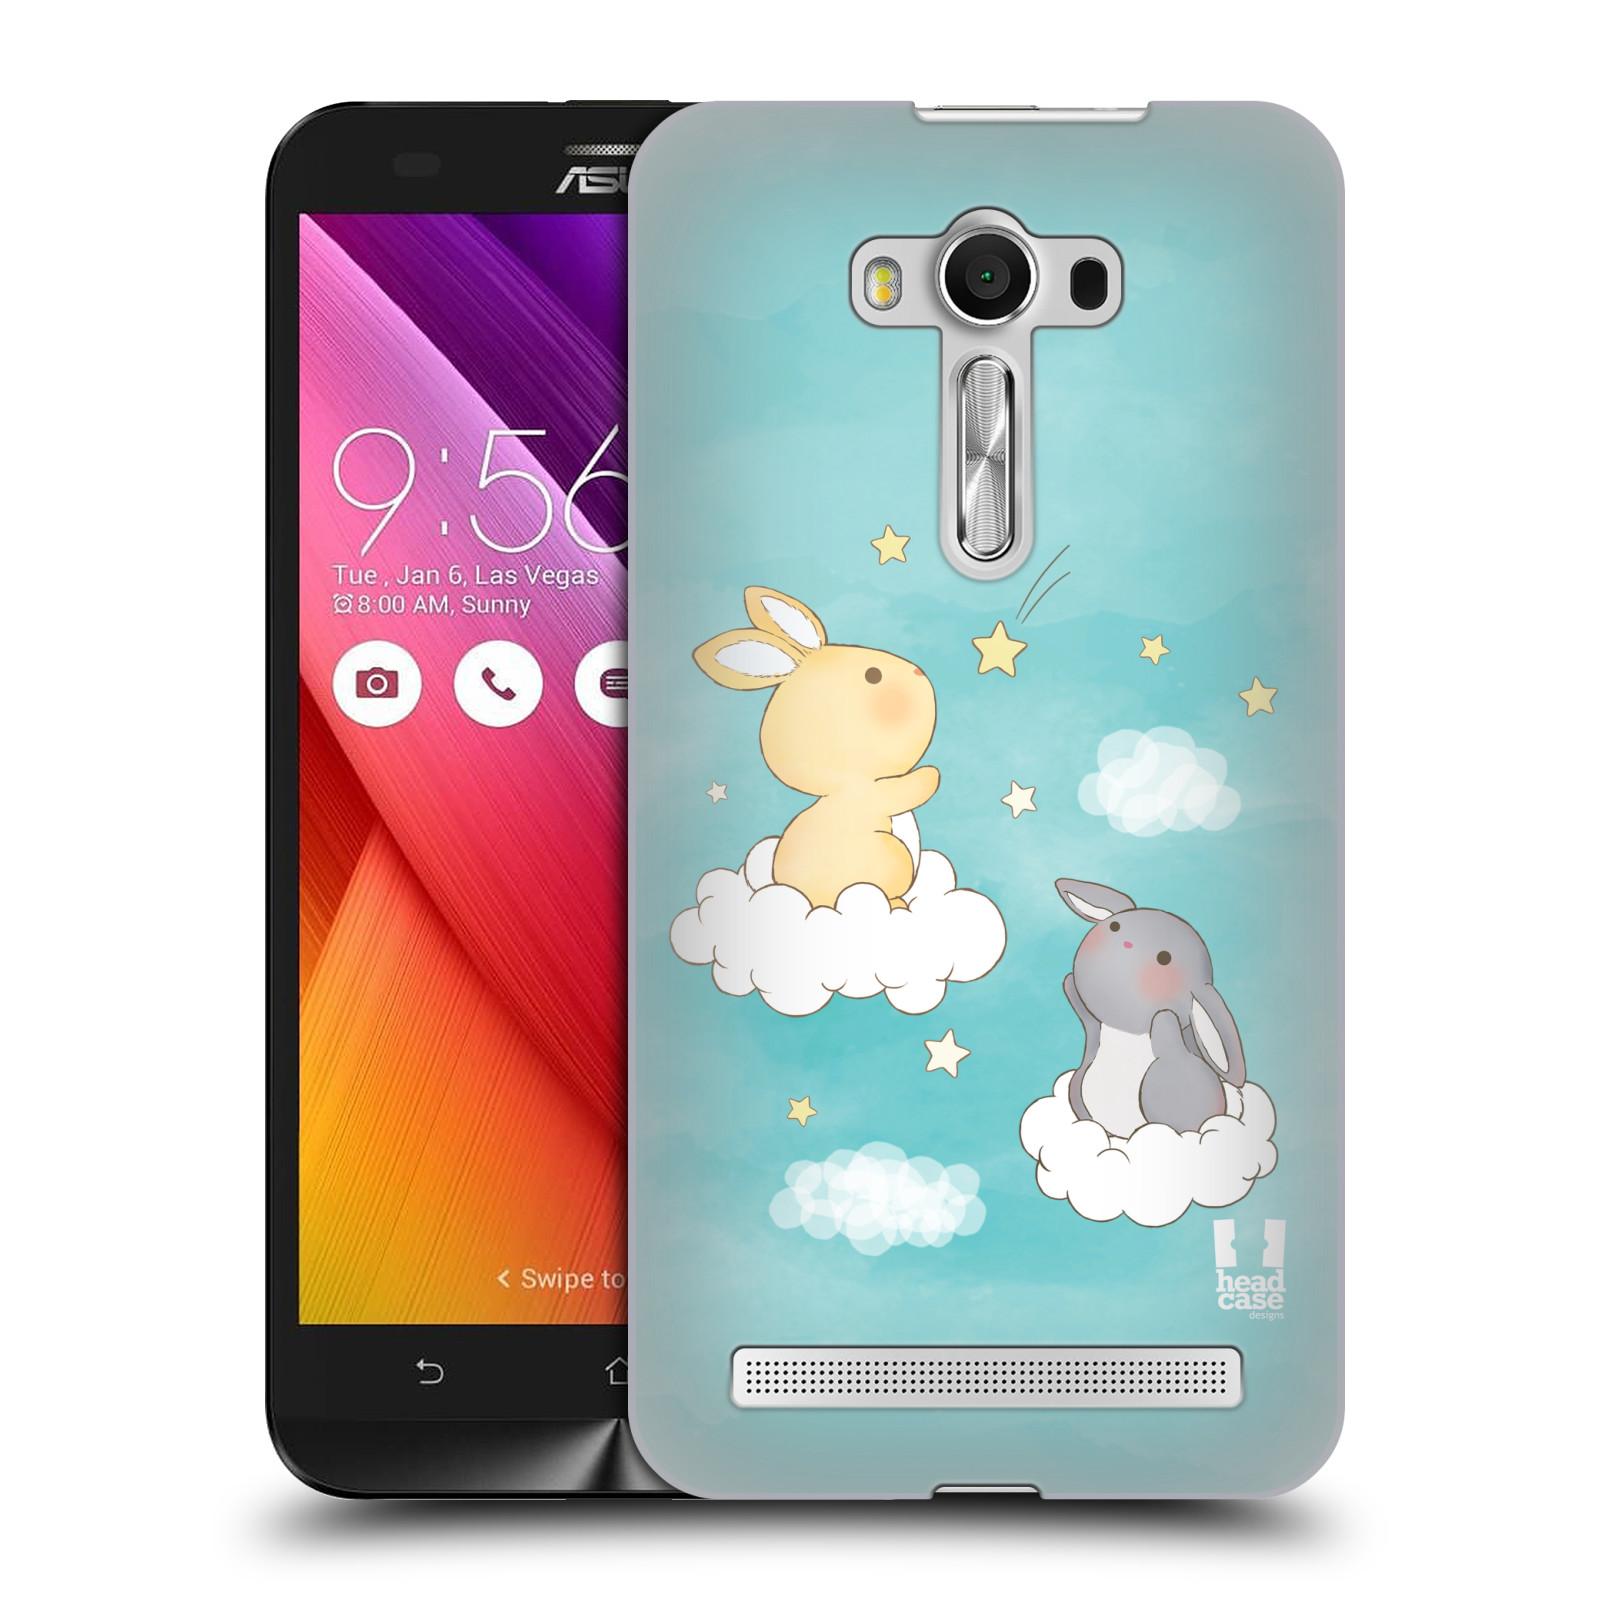 HEAD CASE plastový obal na mobil Asus Zenfone 2 LASER (5,5 displej ZE550KL) vzor králíček a hvězdy modrá